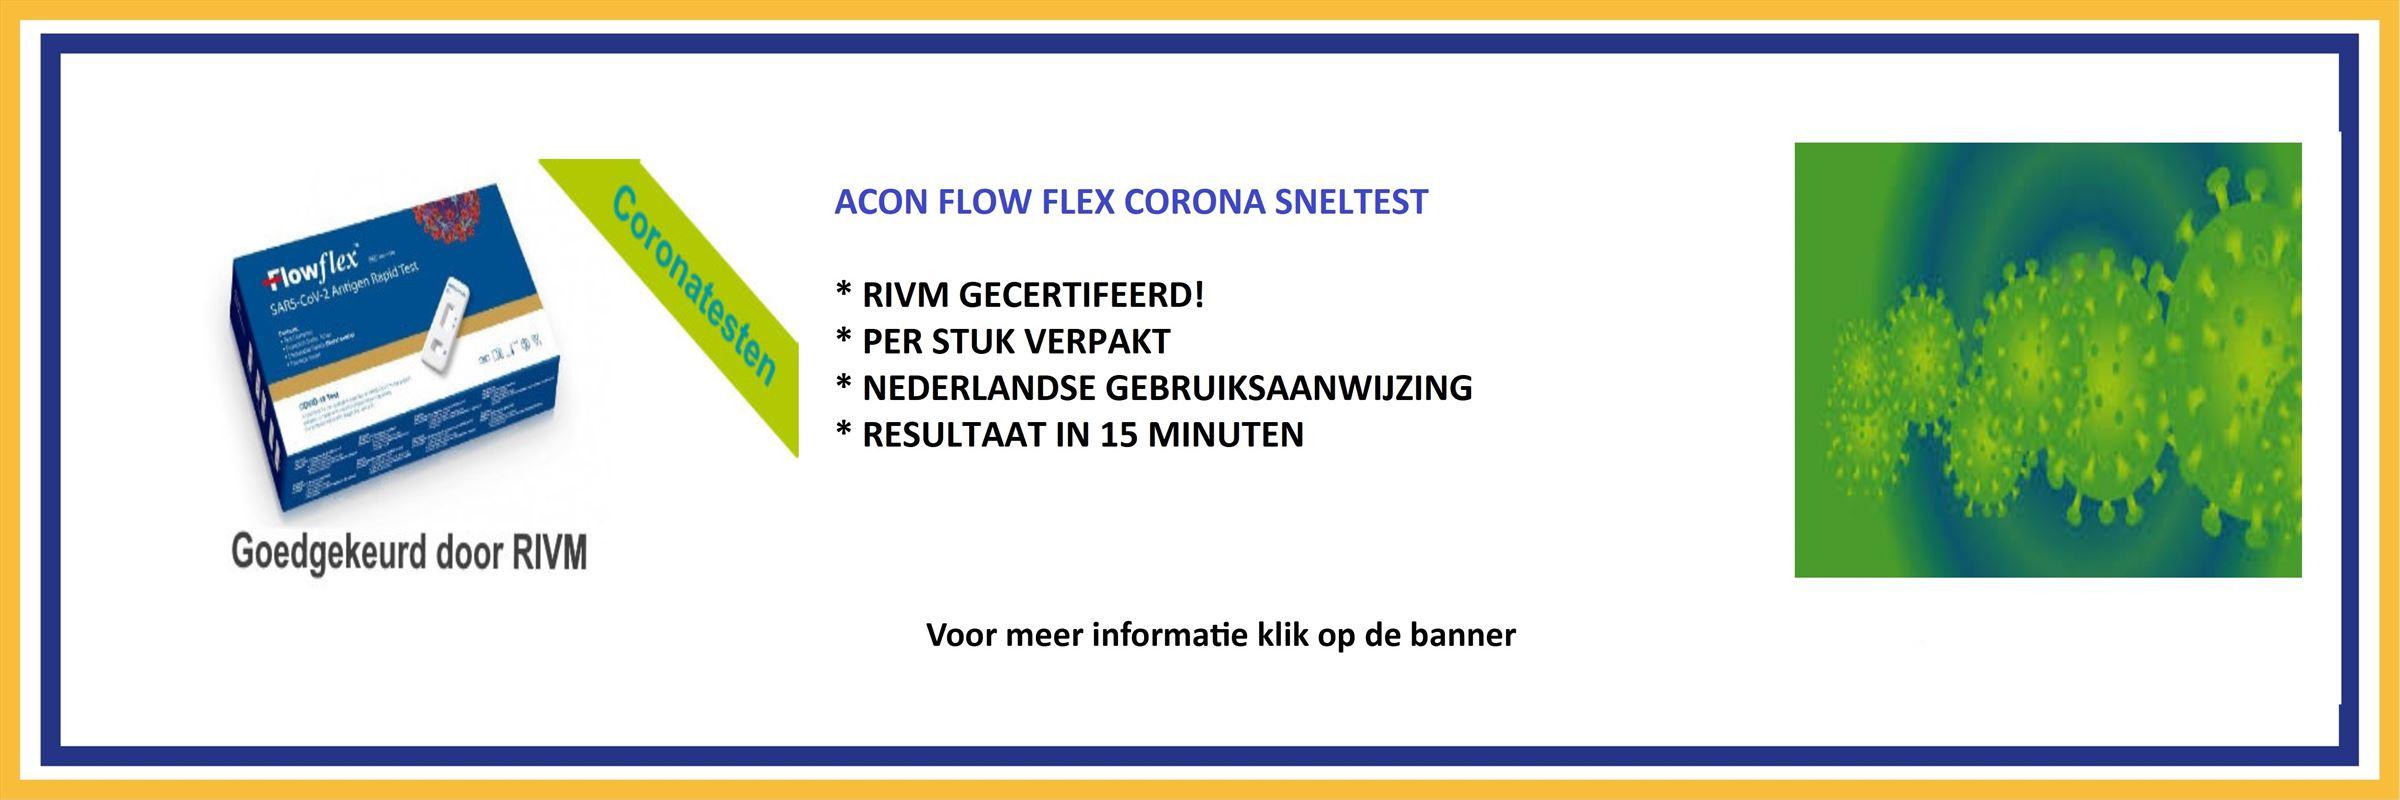 FLOW FLEX CORONA TEST